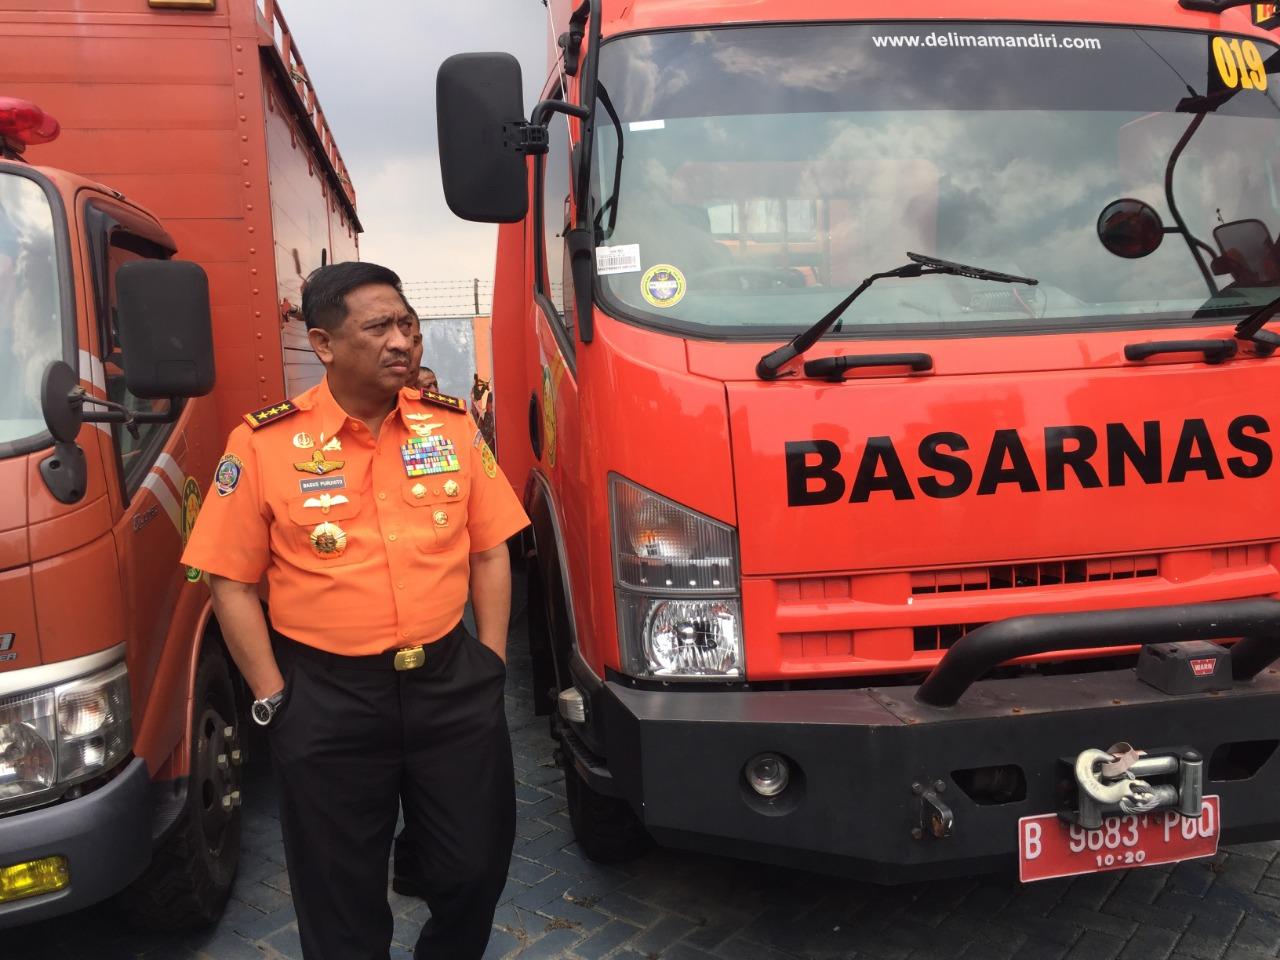 Basarnas Surabaya Butuh Kapal Angkut Personel Lebih Besar